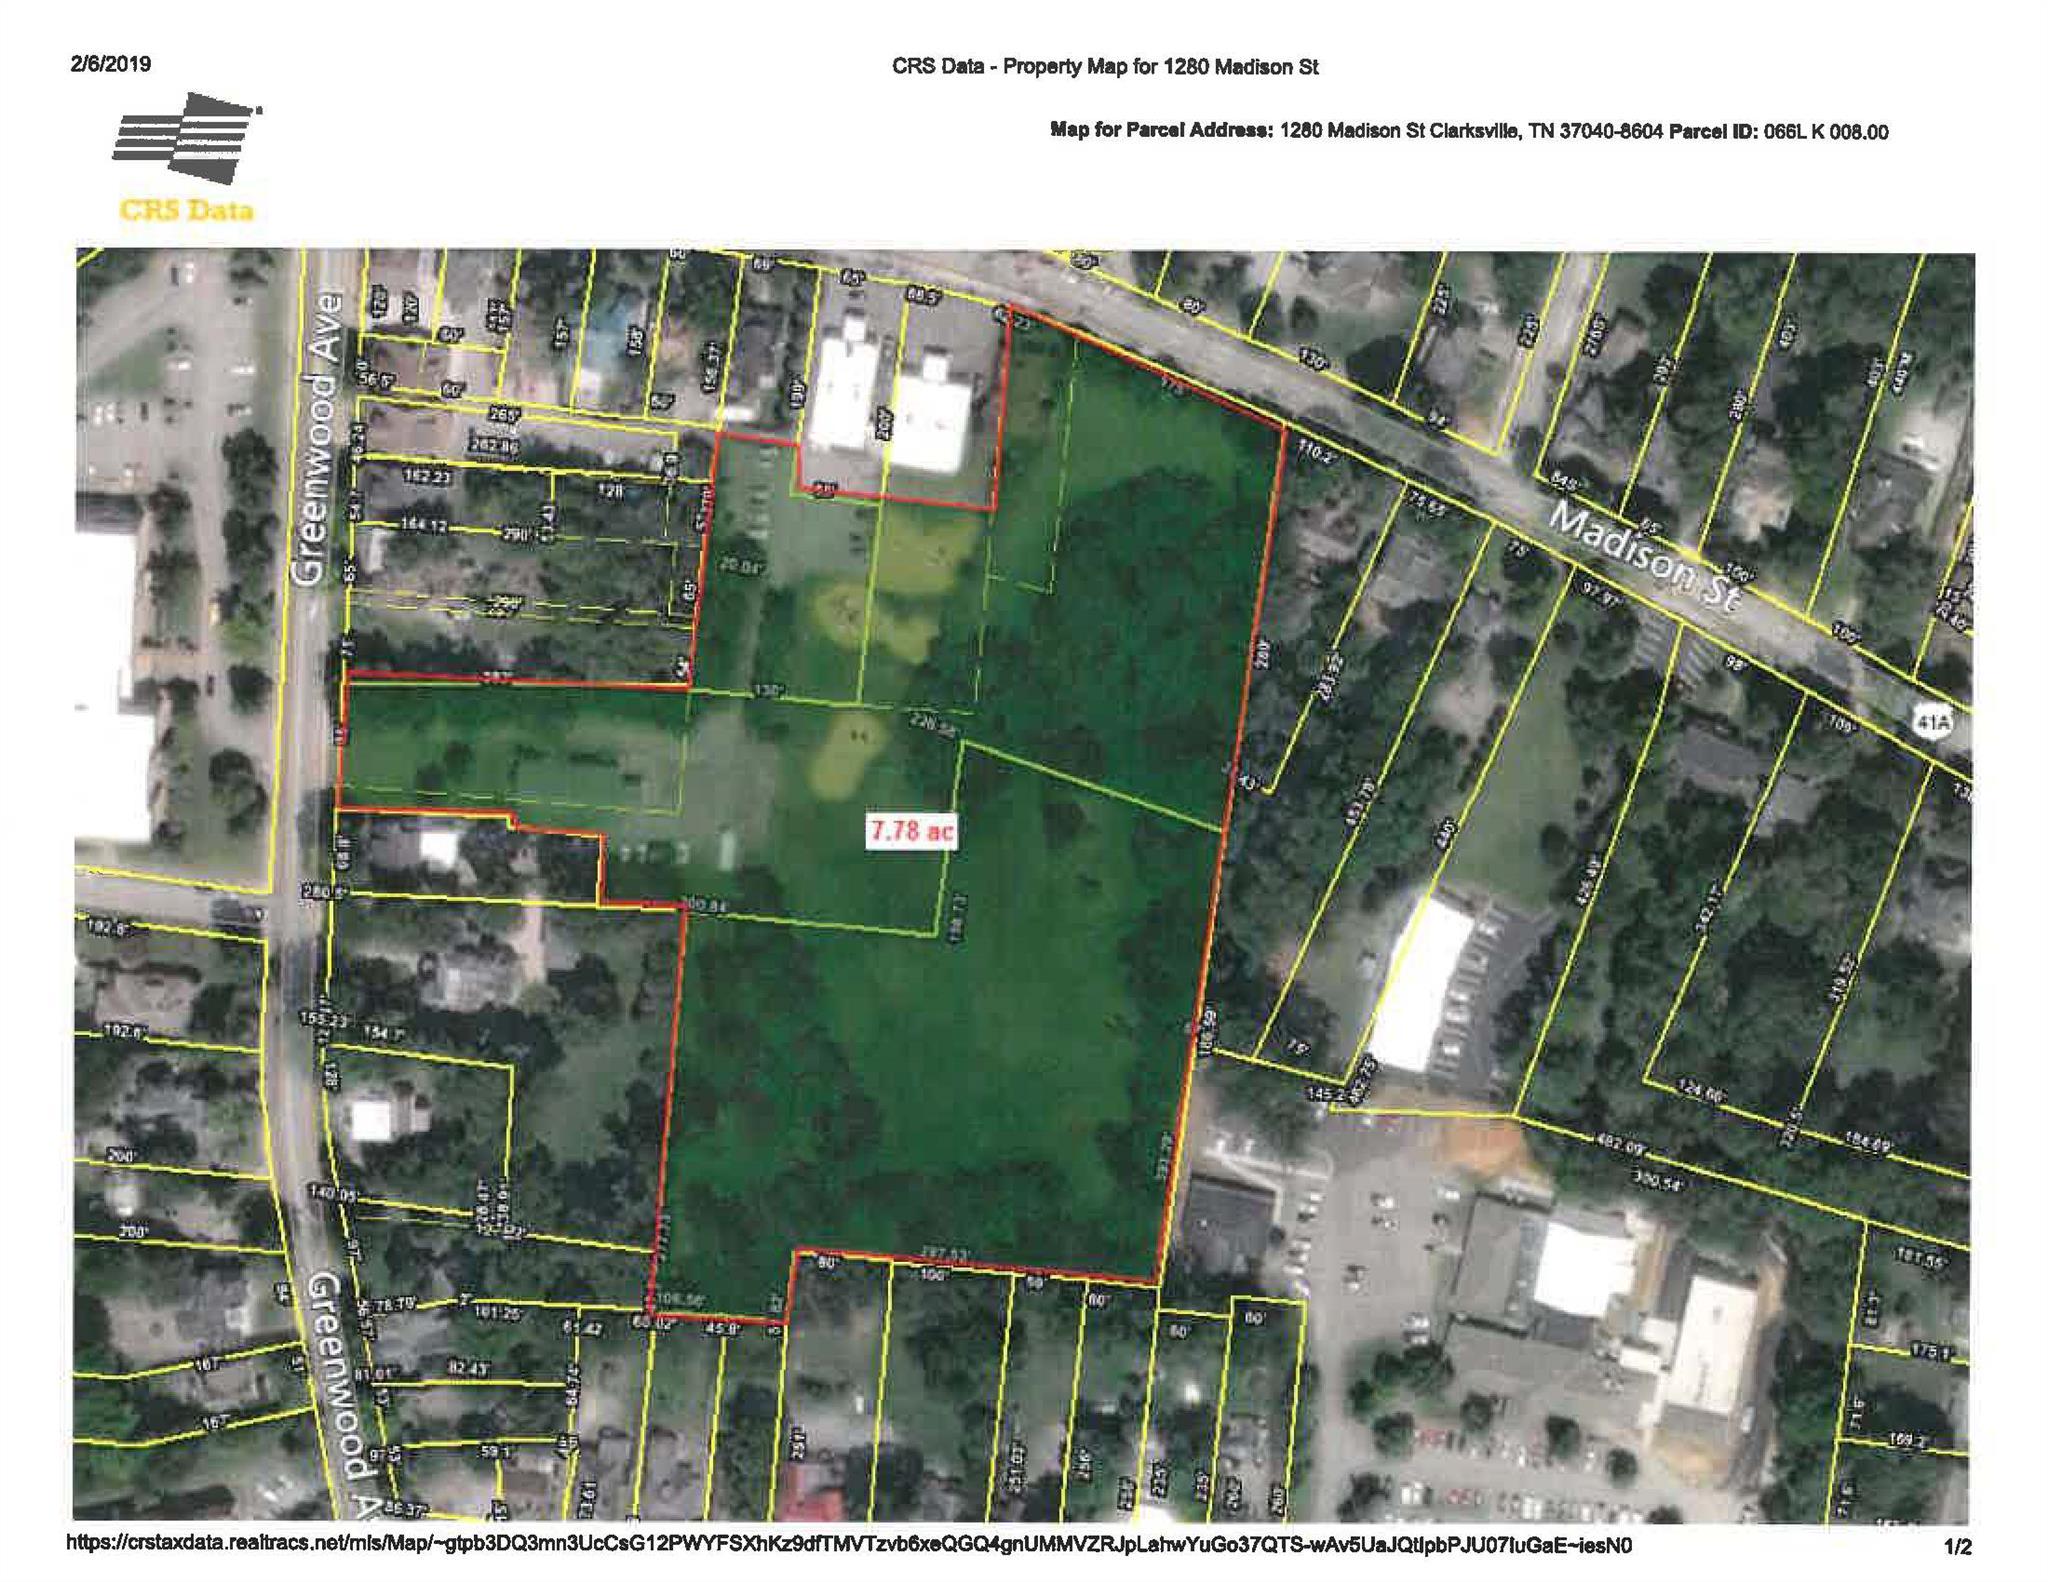 1002 Madison St, Clarksville, TN 37040 - Clarksville, TN real estate listing